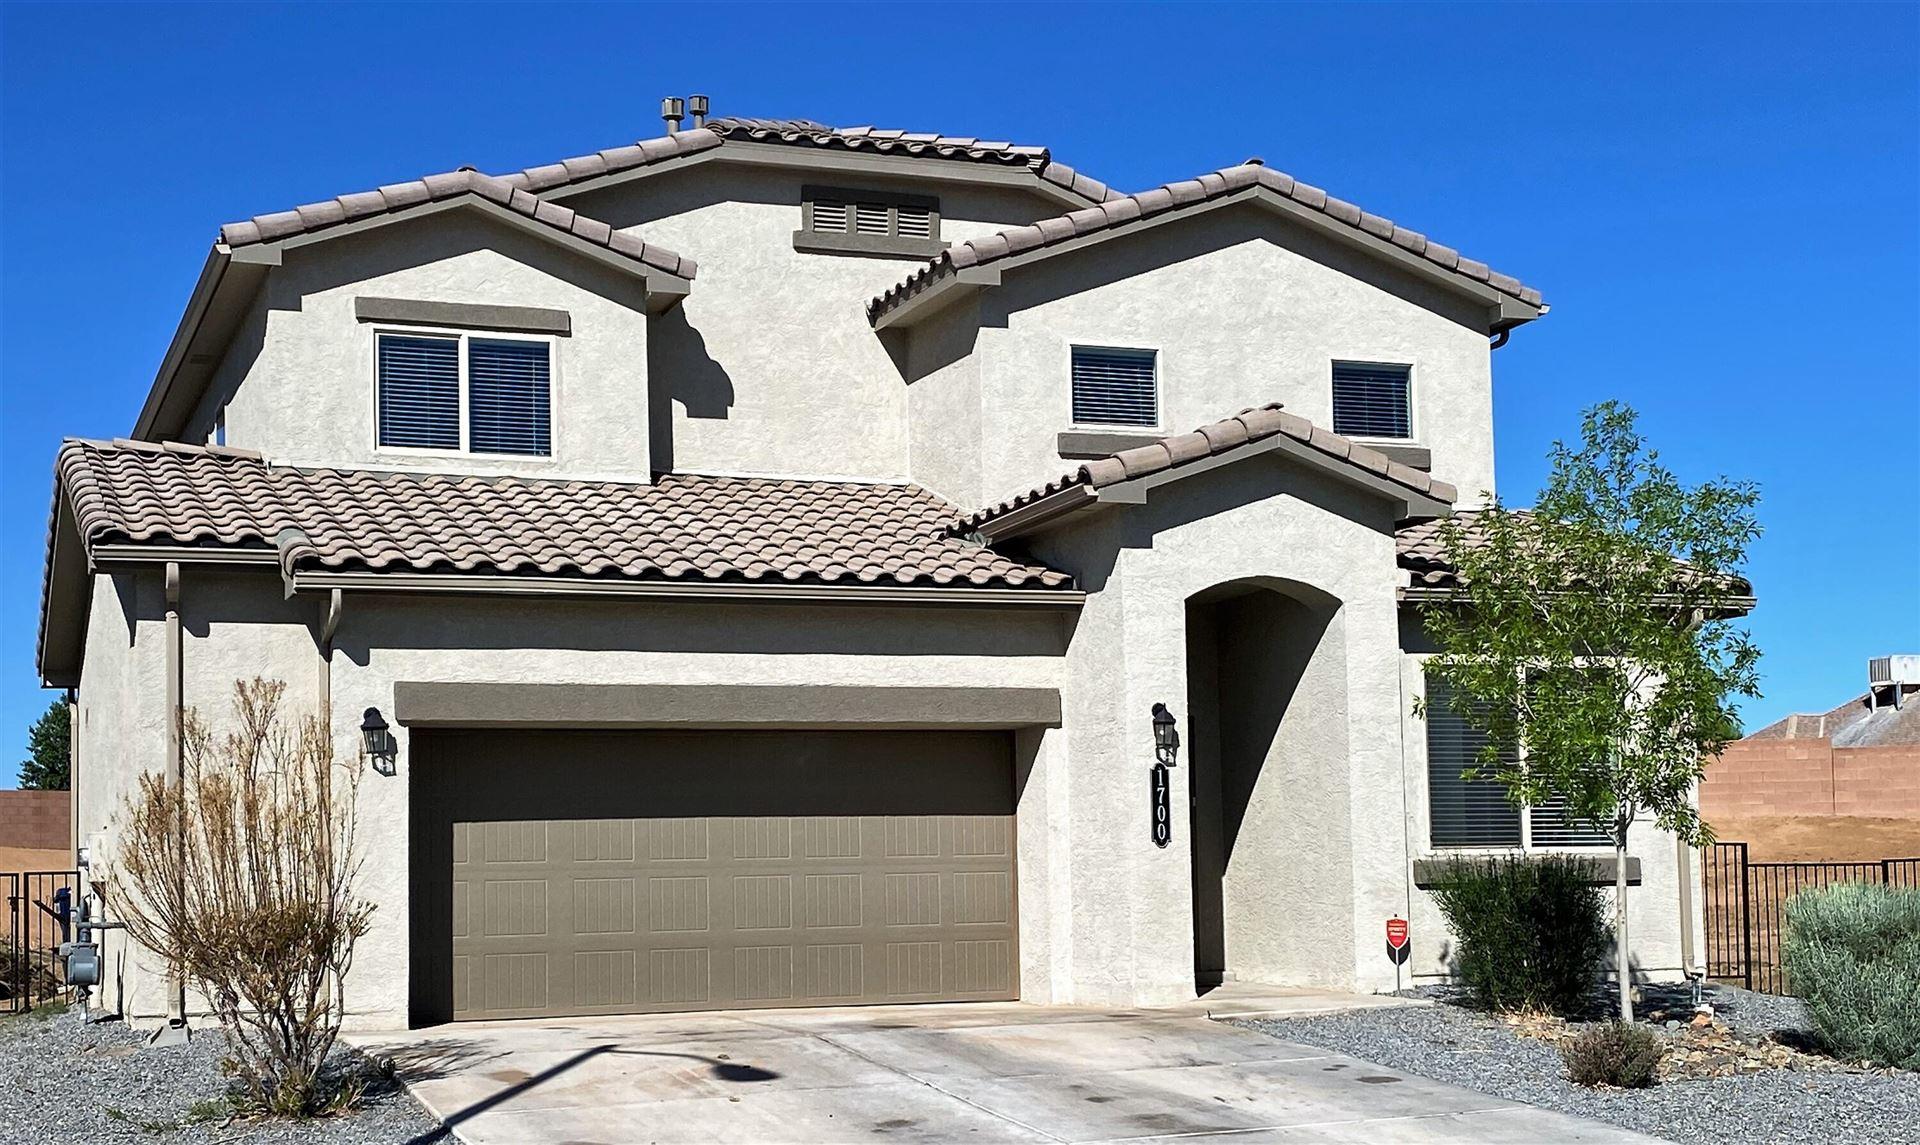 Photo for 1700 Valle Vista NW, Los Lunas, NM 87031 (MLS # 990891)